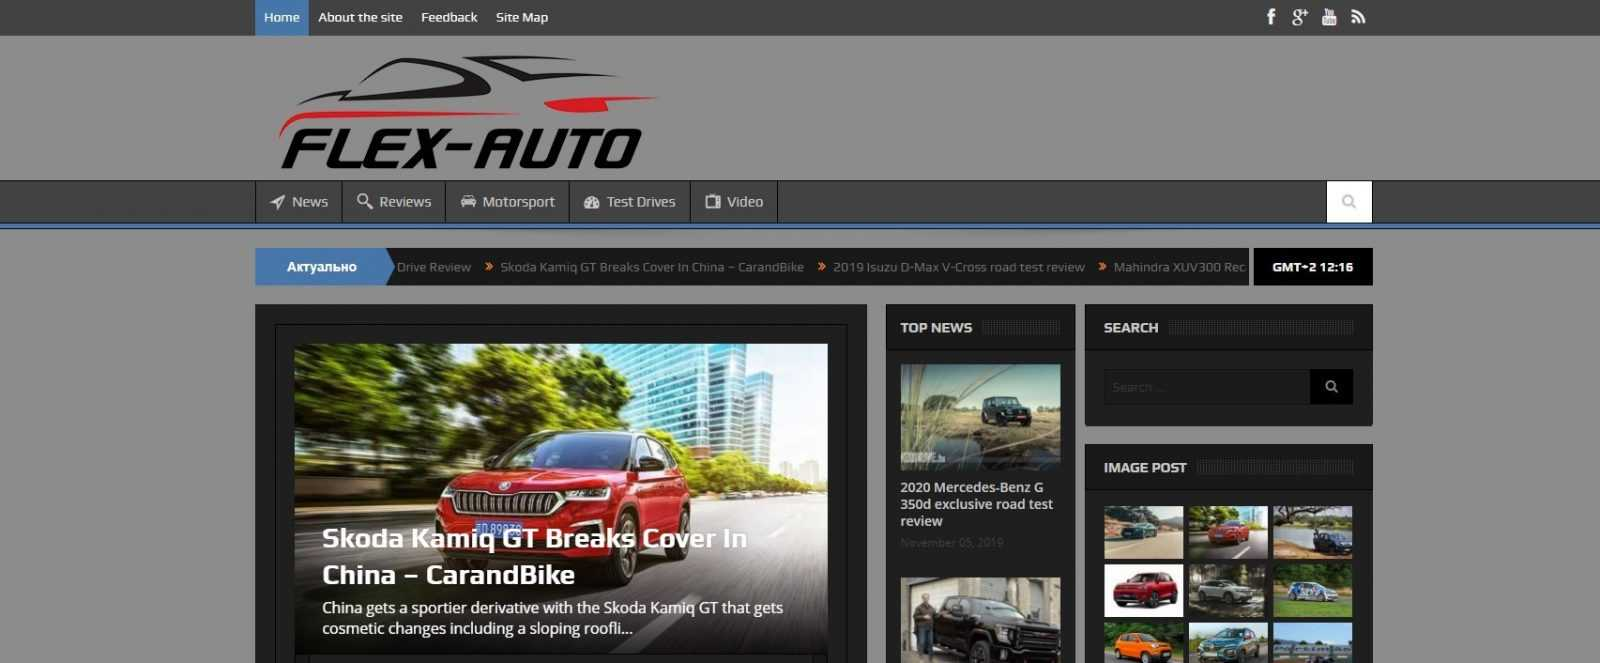 Главная страница автомобильного портала